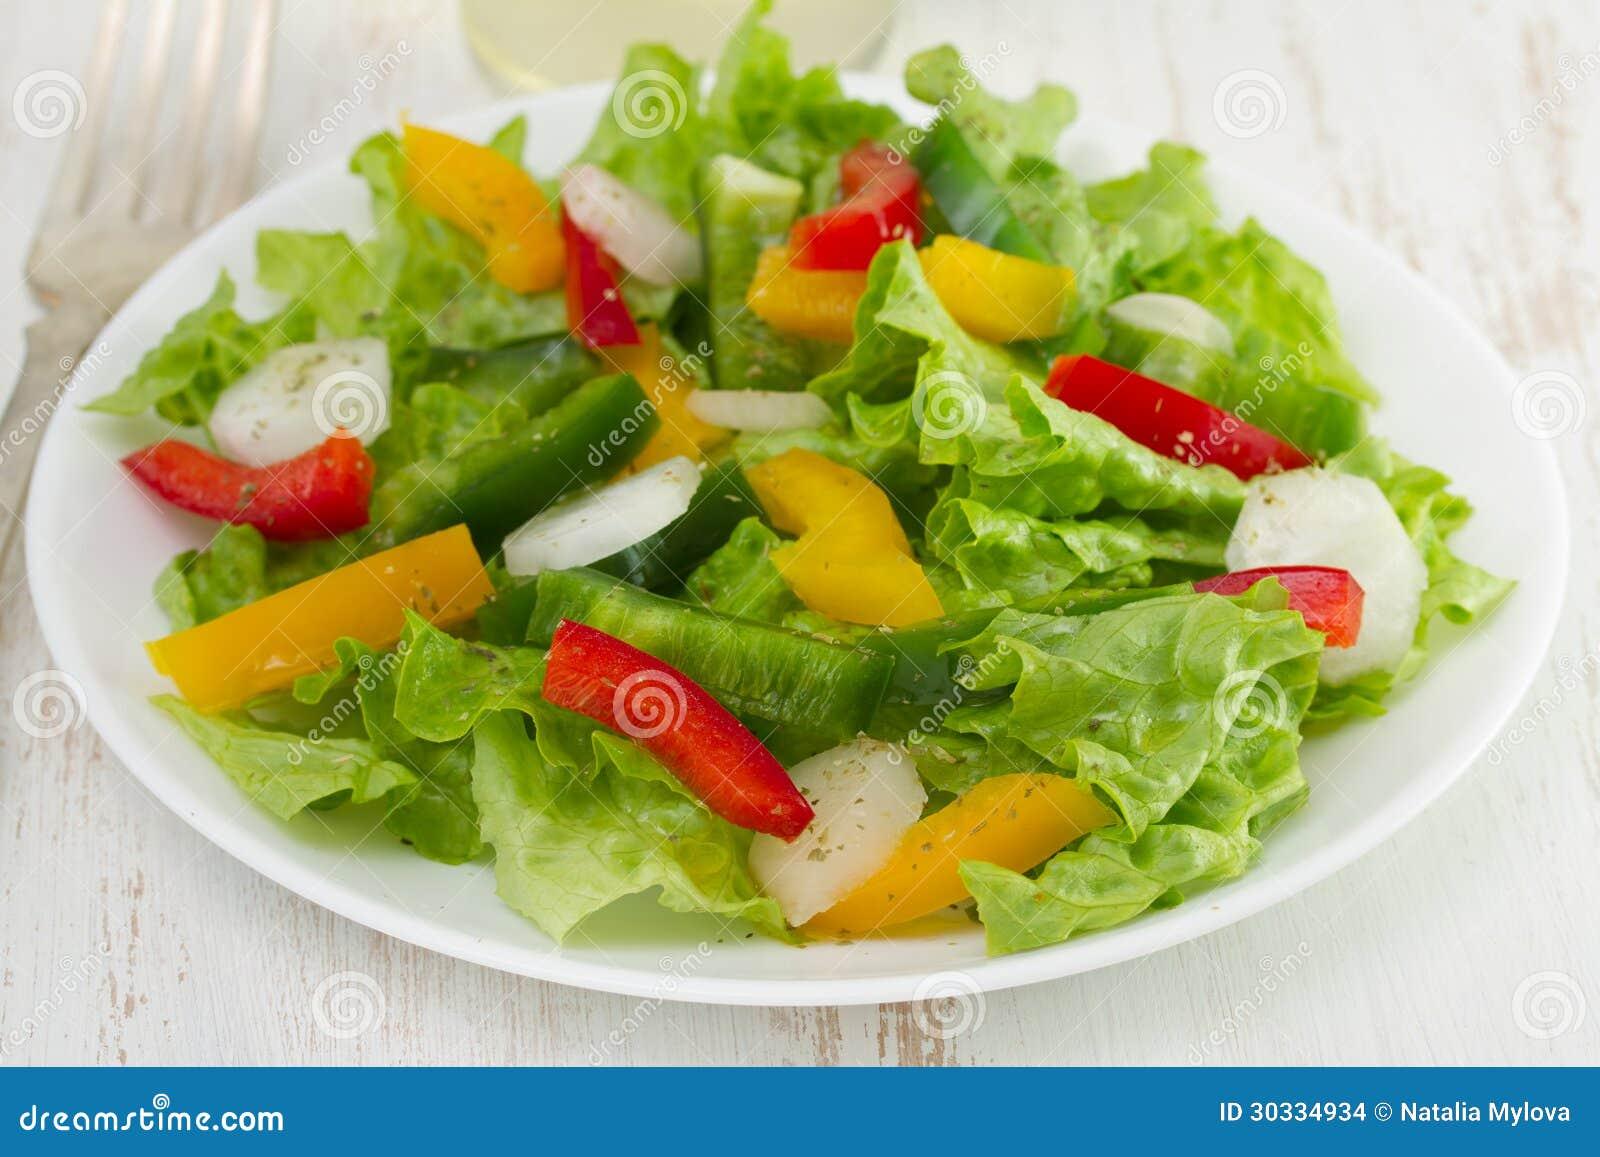 菜沙拉用萝卜